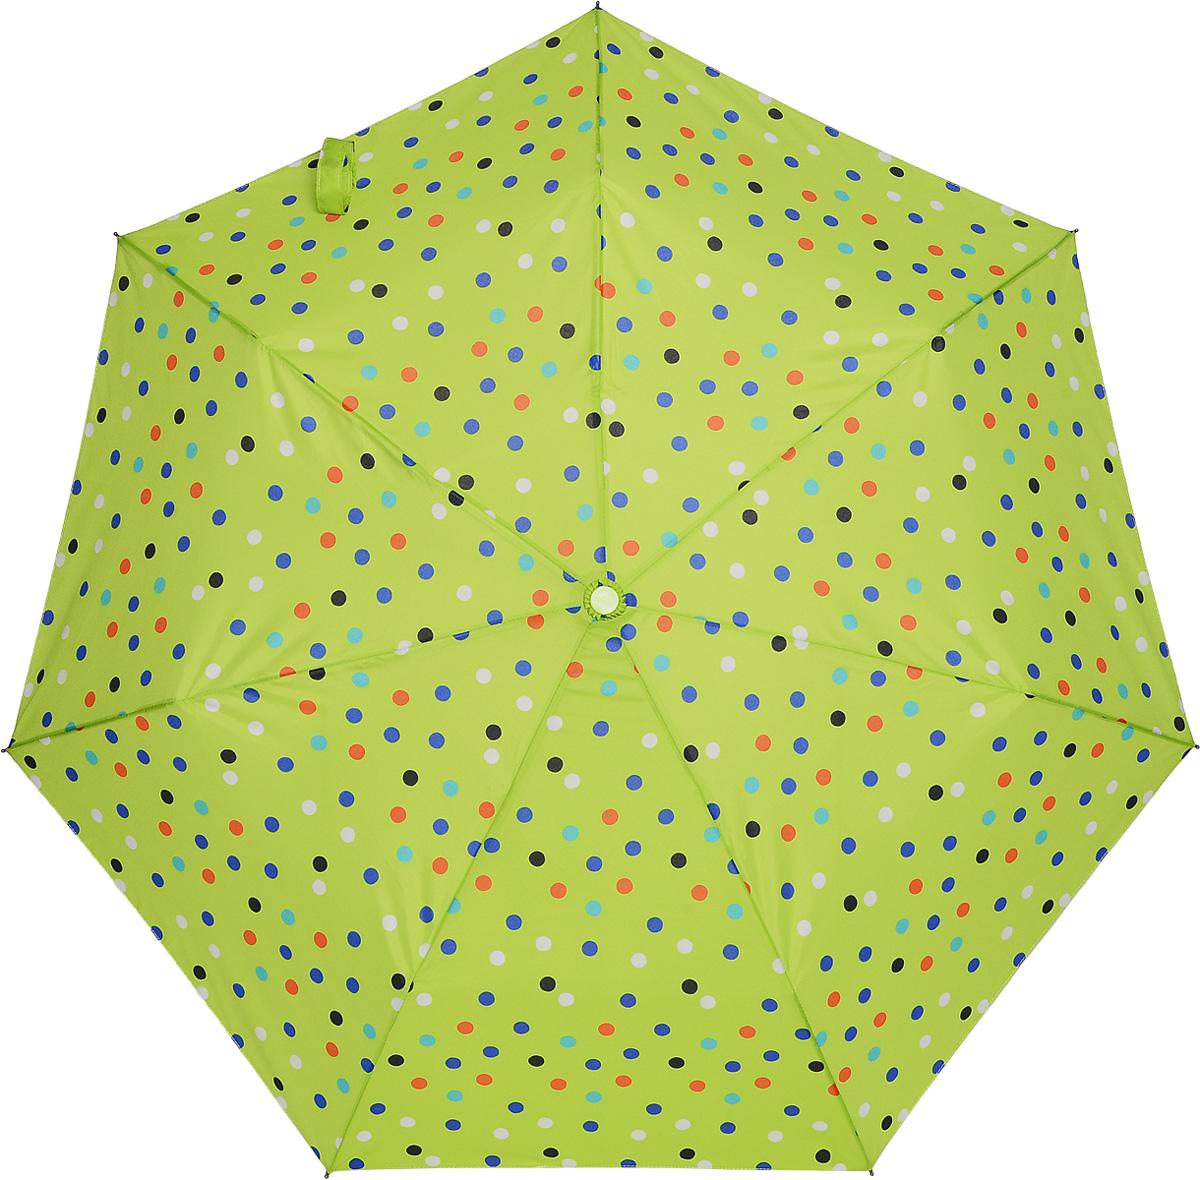 C-Collection 548-3 Зонт полный автом. 3 сл. жен.REM12-CAM-GREENBLACKЗонт испанского производителя Clima. В производстве зонтов используются современные материалы, что делает зонты легкими, но в то же время крепкими.Полный автомат, 3 сложения, 7 спиц, полиэстер.